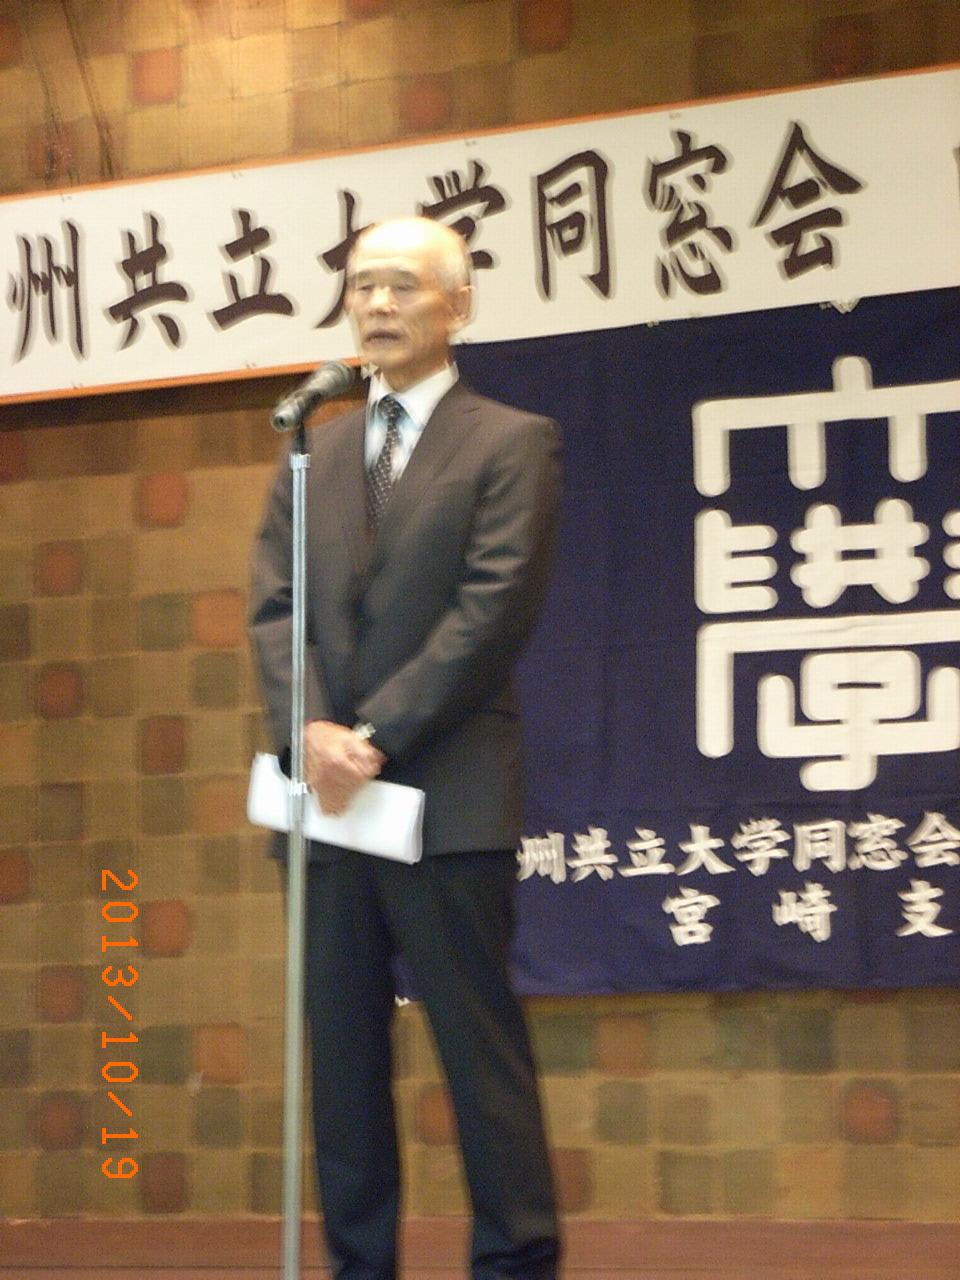 設立30年を迎えた 宮崎支部総会・懇親会_f0184133_10253339.jpg